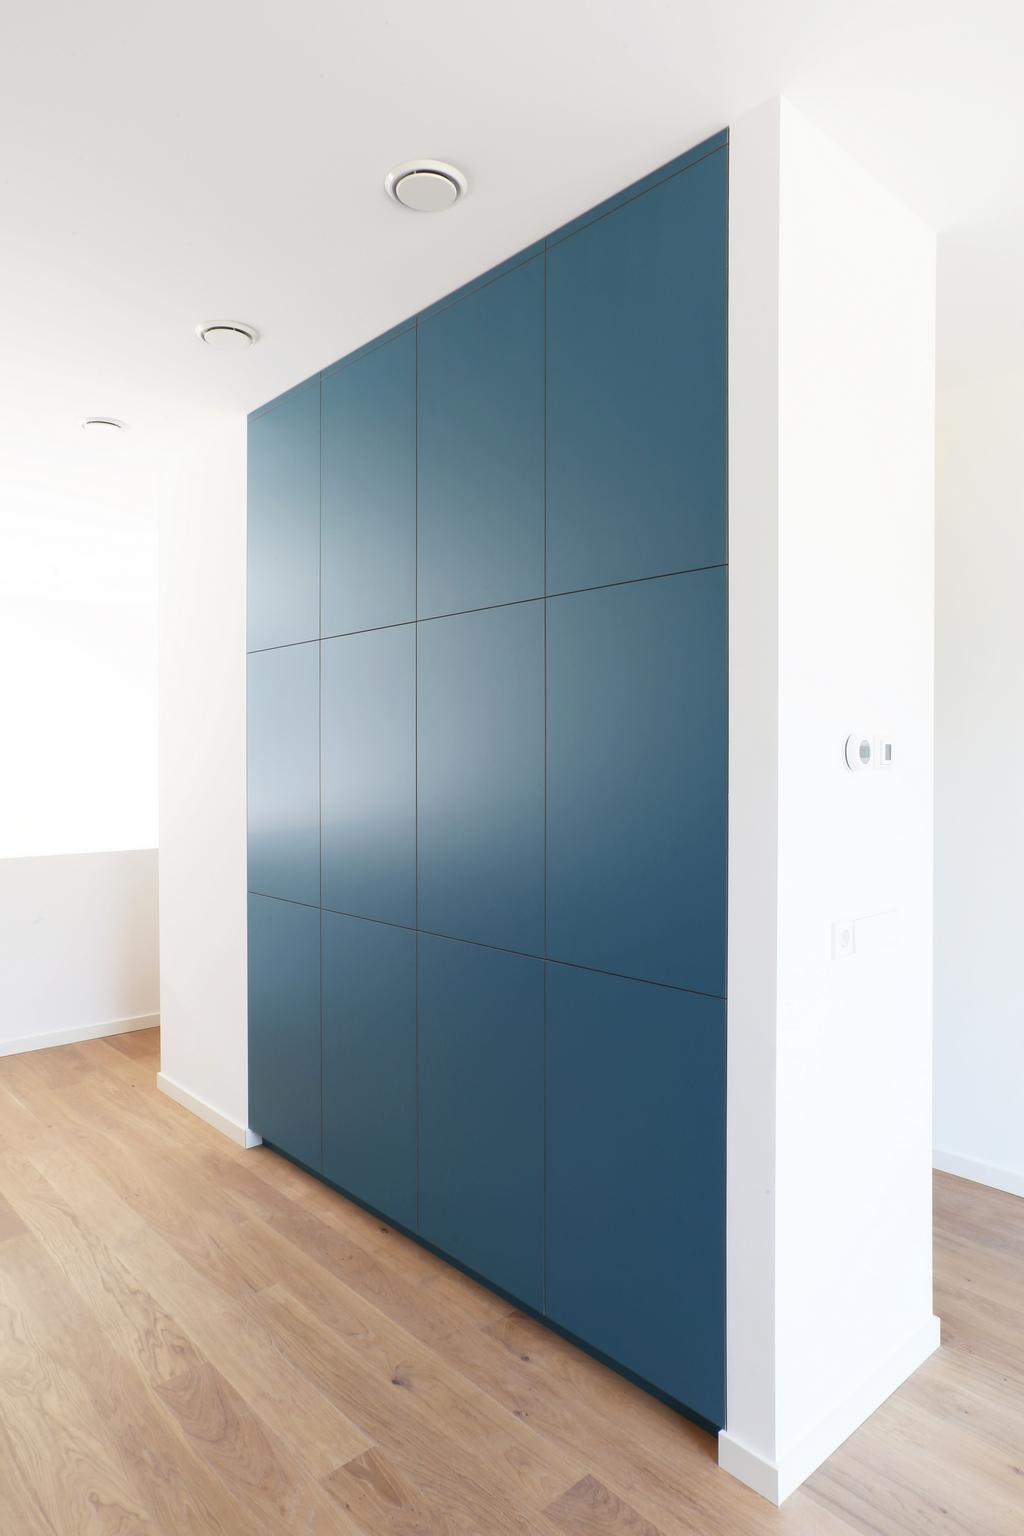 Op maat gemaakte inbouwkast voor woonkamer met spoelbak en gemaakt van berkenmultiplex voorzien van HPL